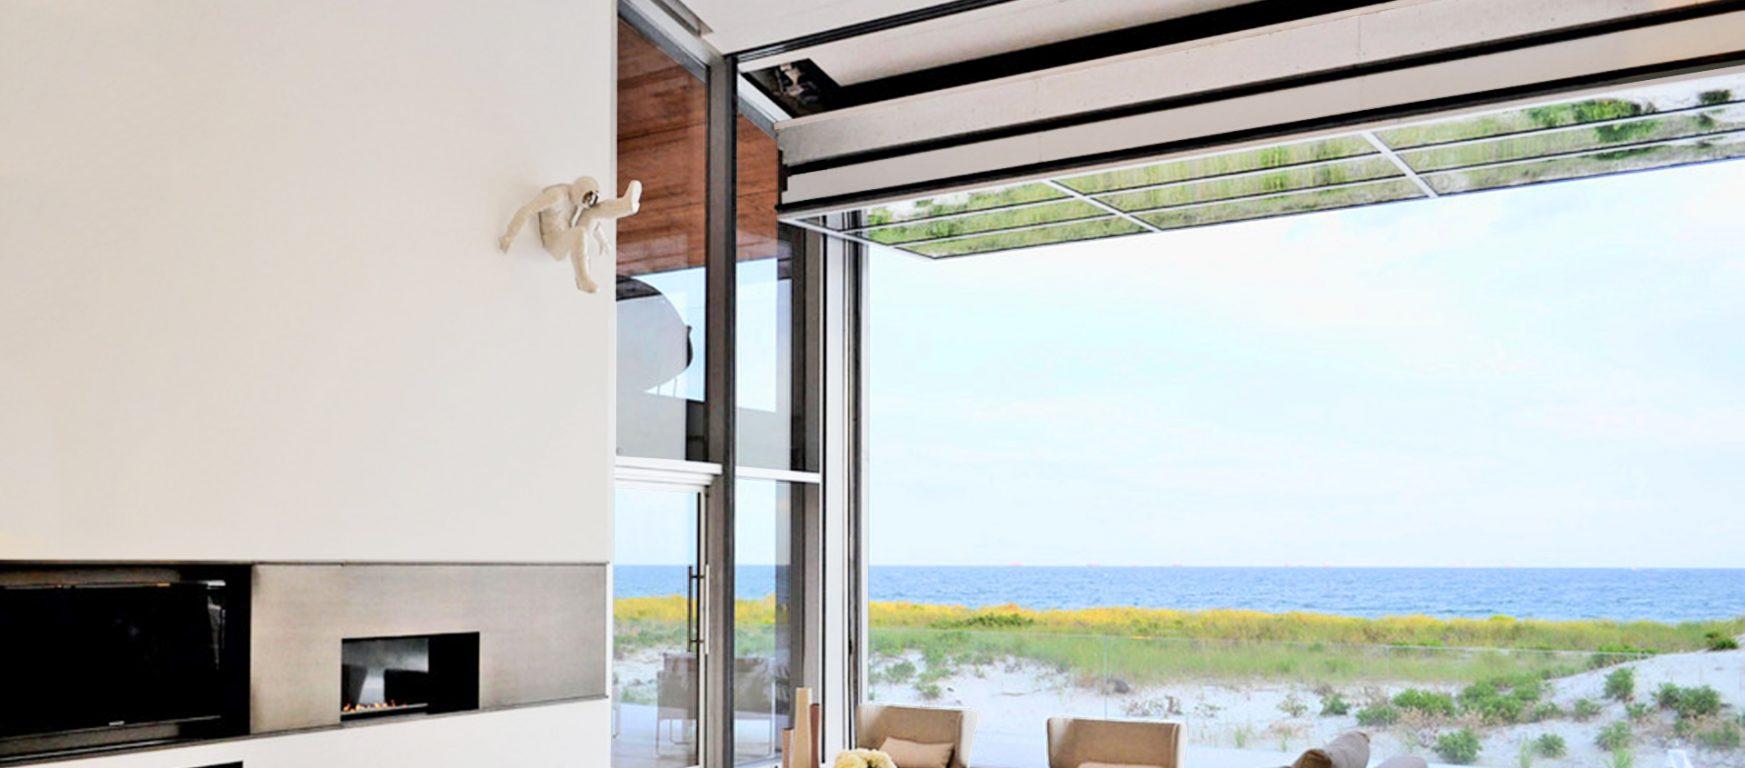 Renlita S-3000 residential vertical glass wall